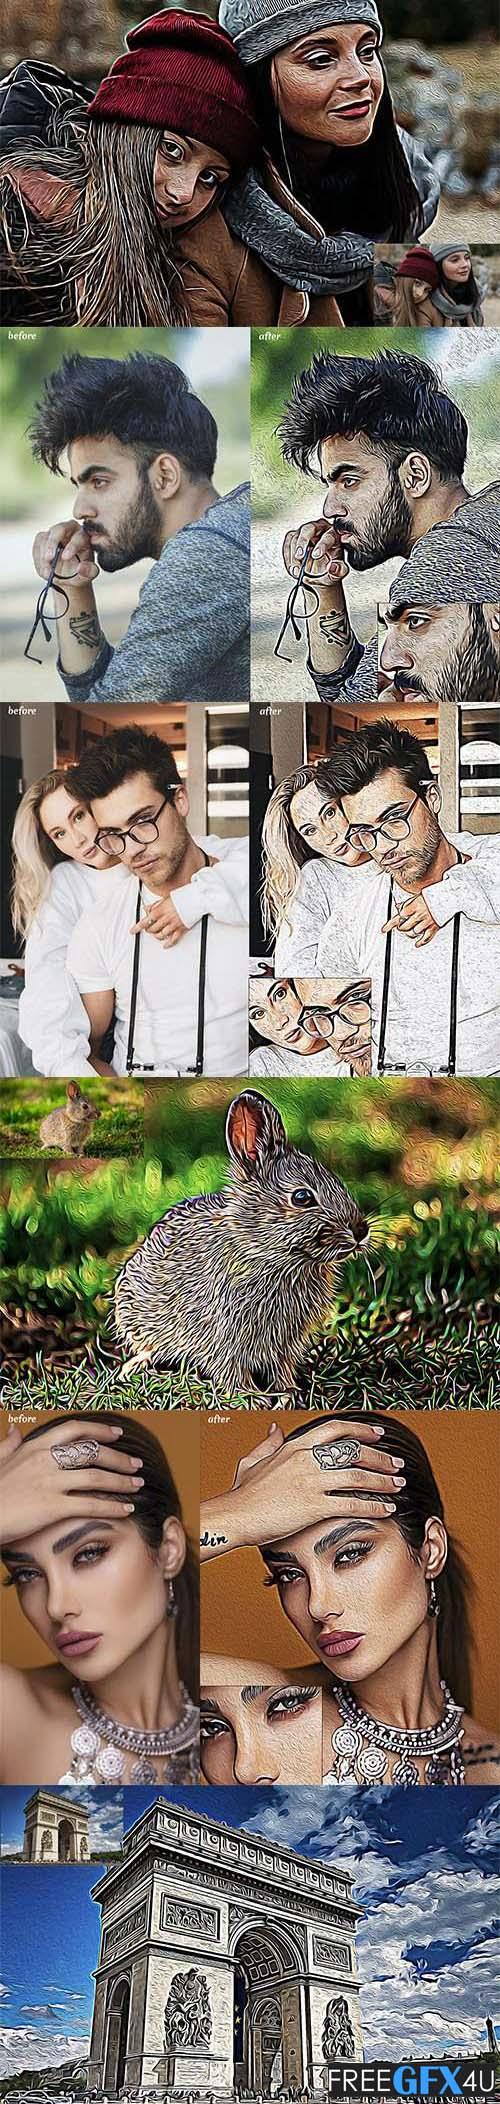 Oil Art Photoshop Action